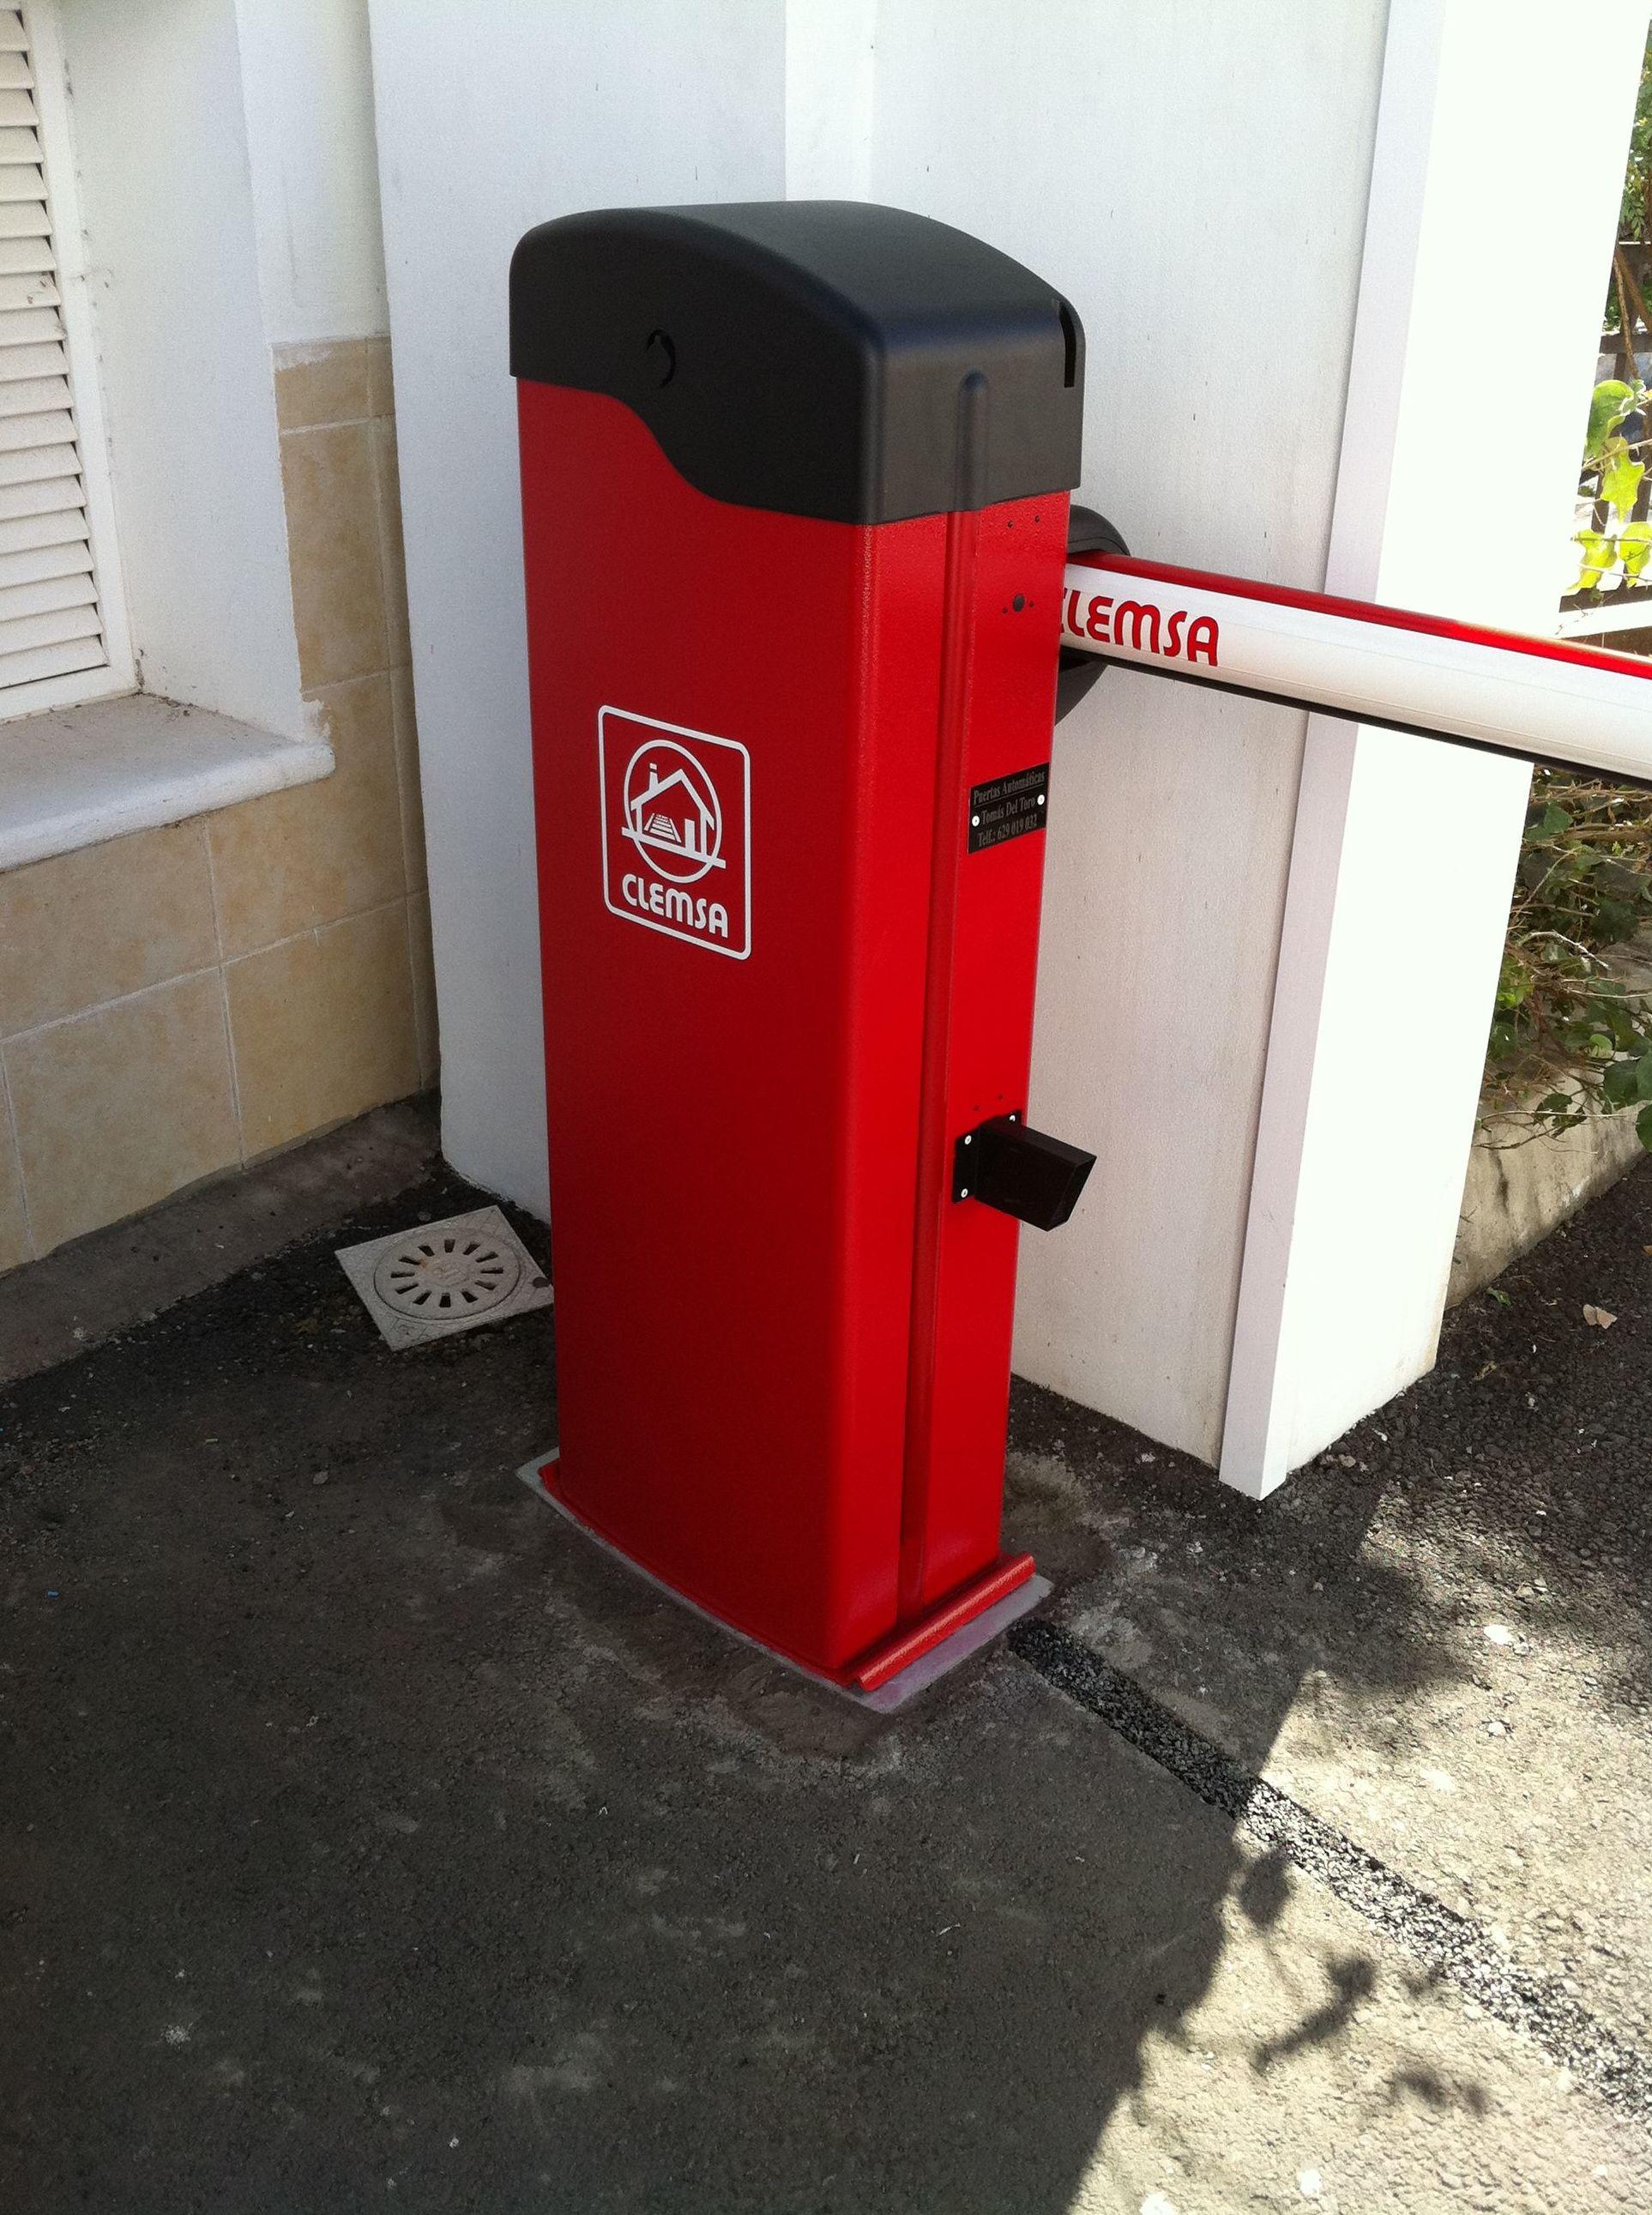 Barreras de acceso: Servicios de Puertas Automáticas Tomás del Toro